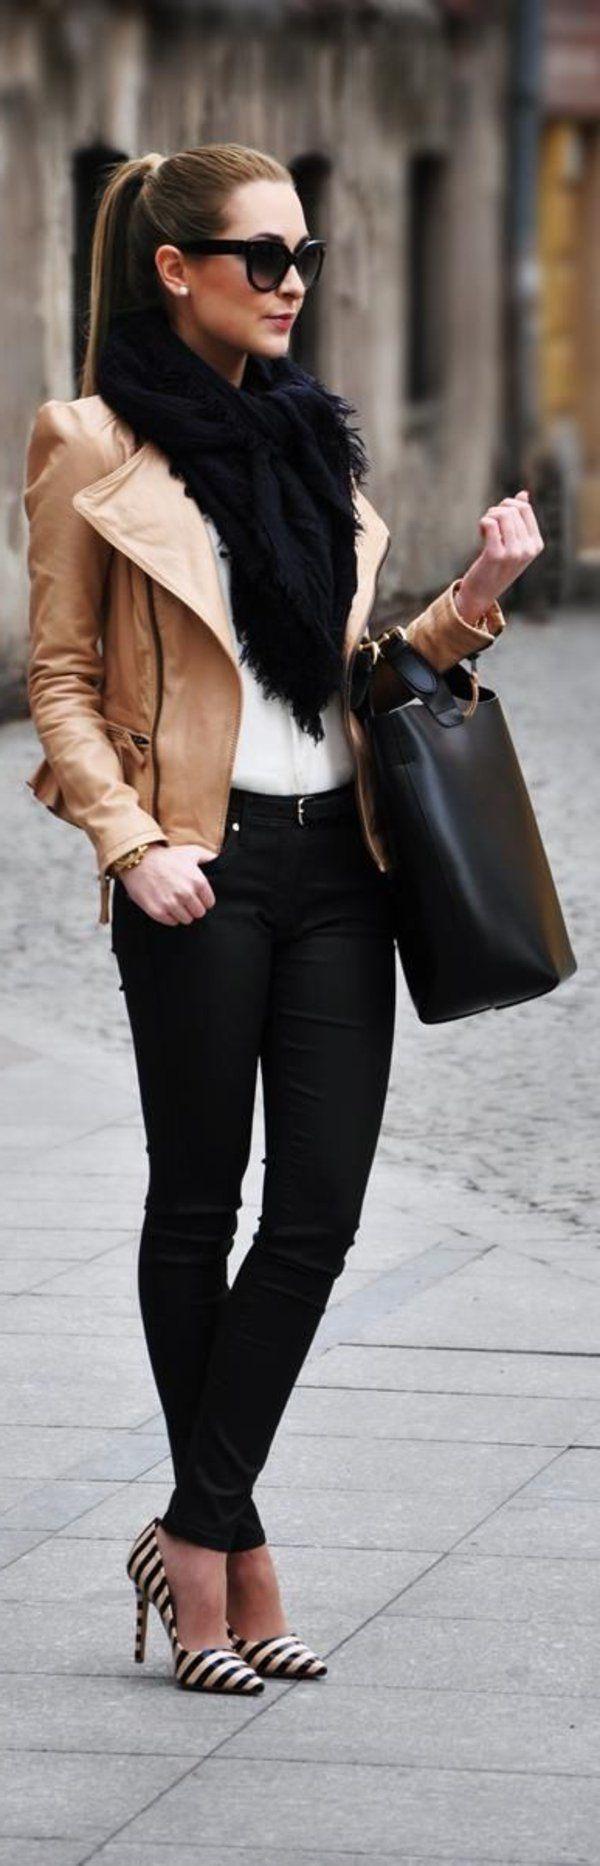 La veste en cuir – 89 idées comment la porter – Archzine.fr